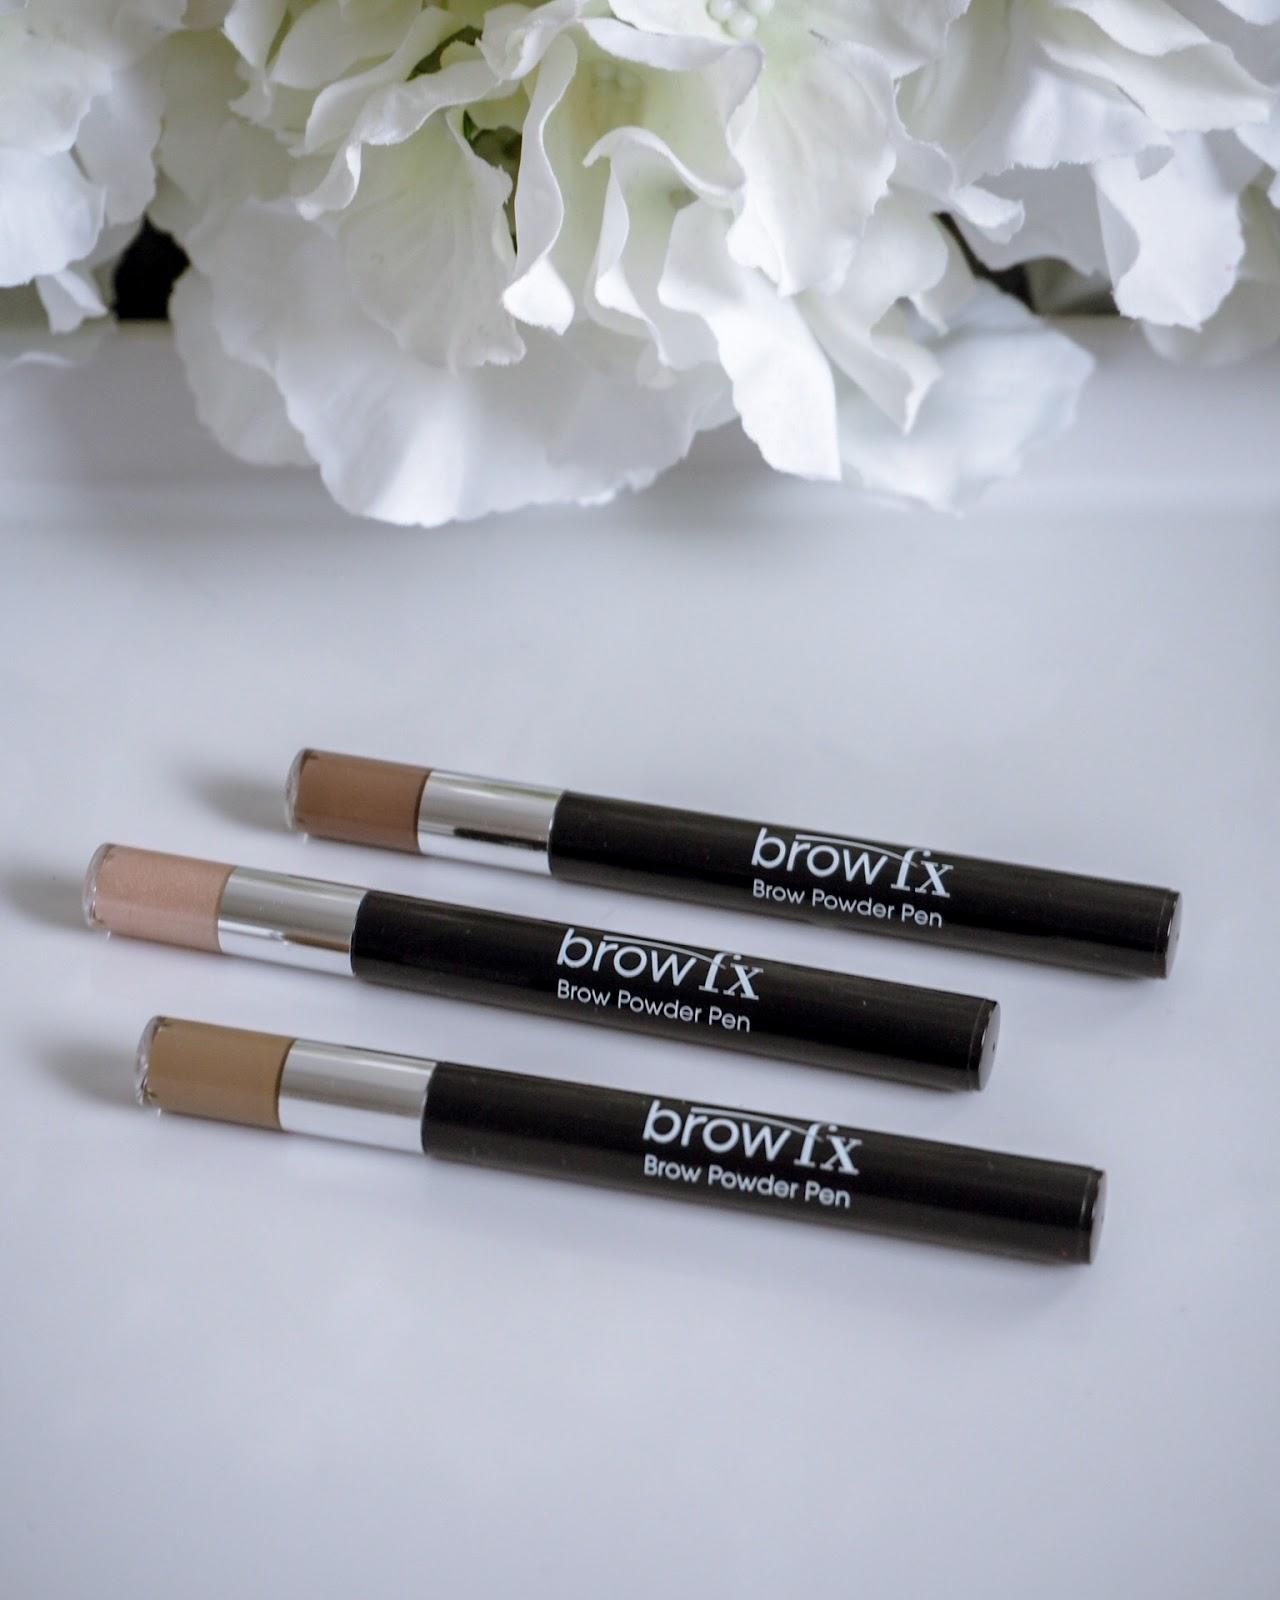 Brow FX Brow Powder Pens